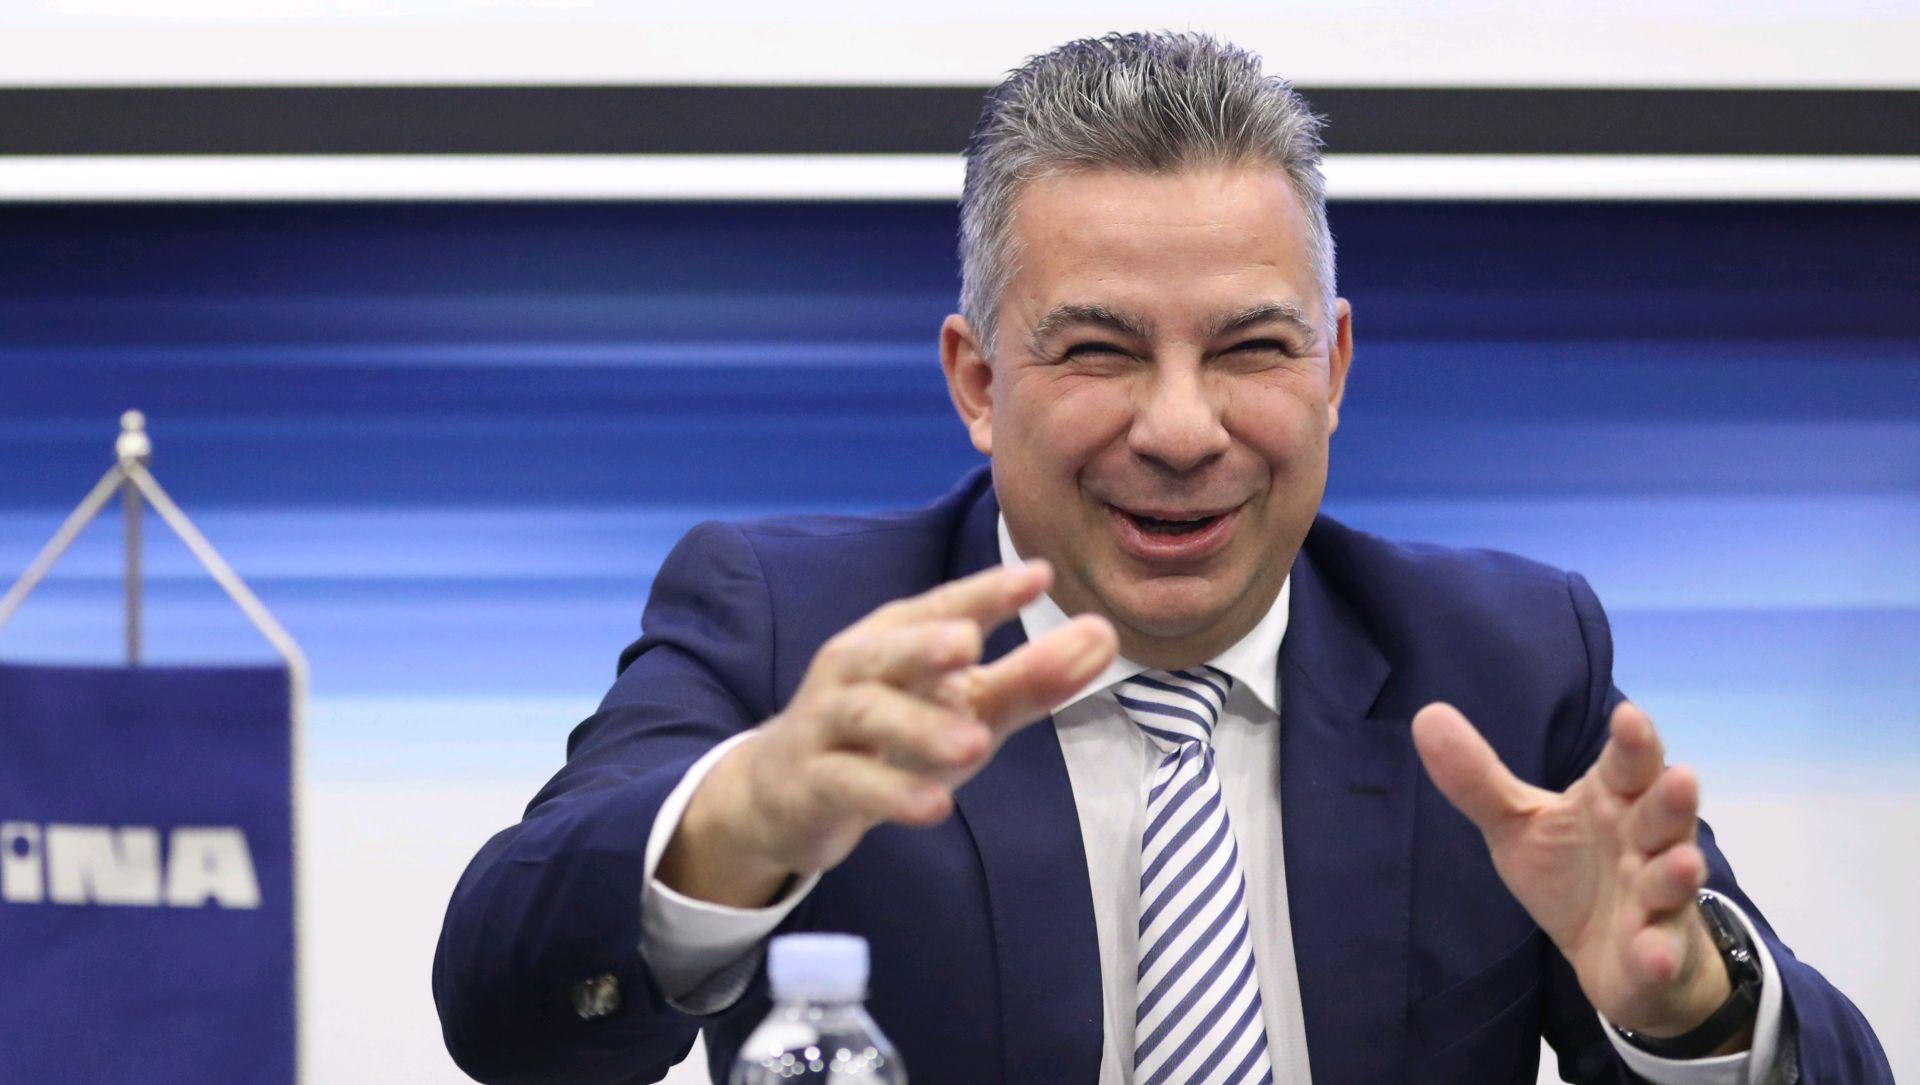 INA GRUPA Neto dobit skočila 274 posto na 1,2 milijarde kuna